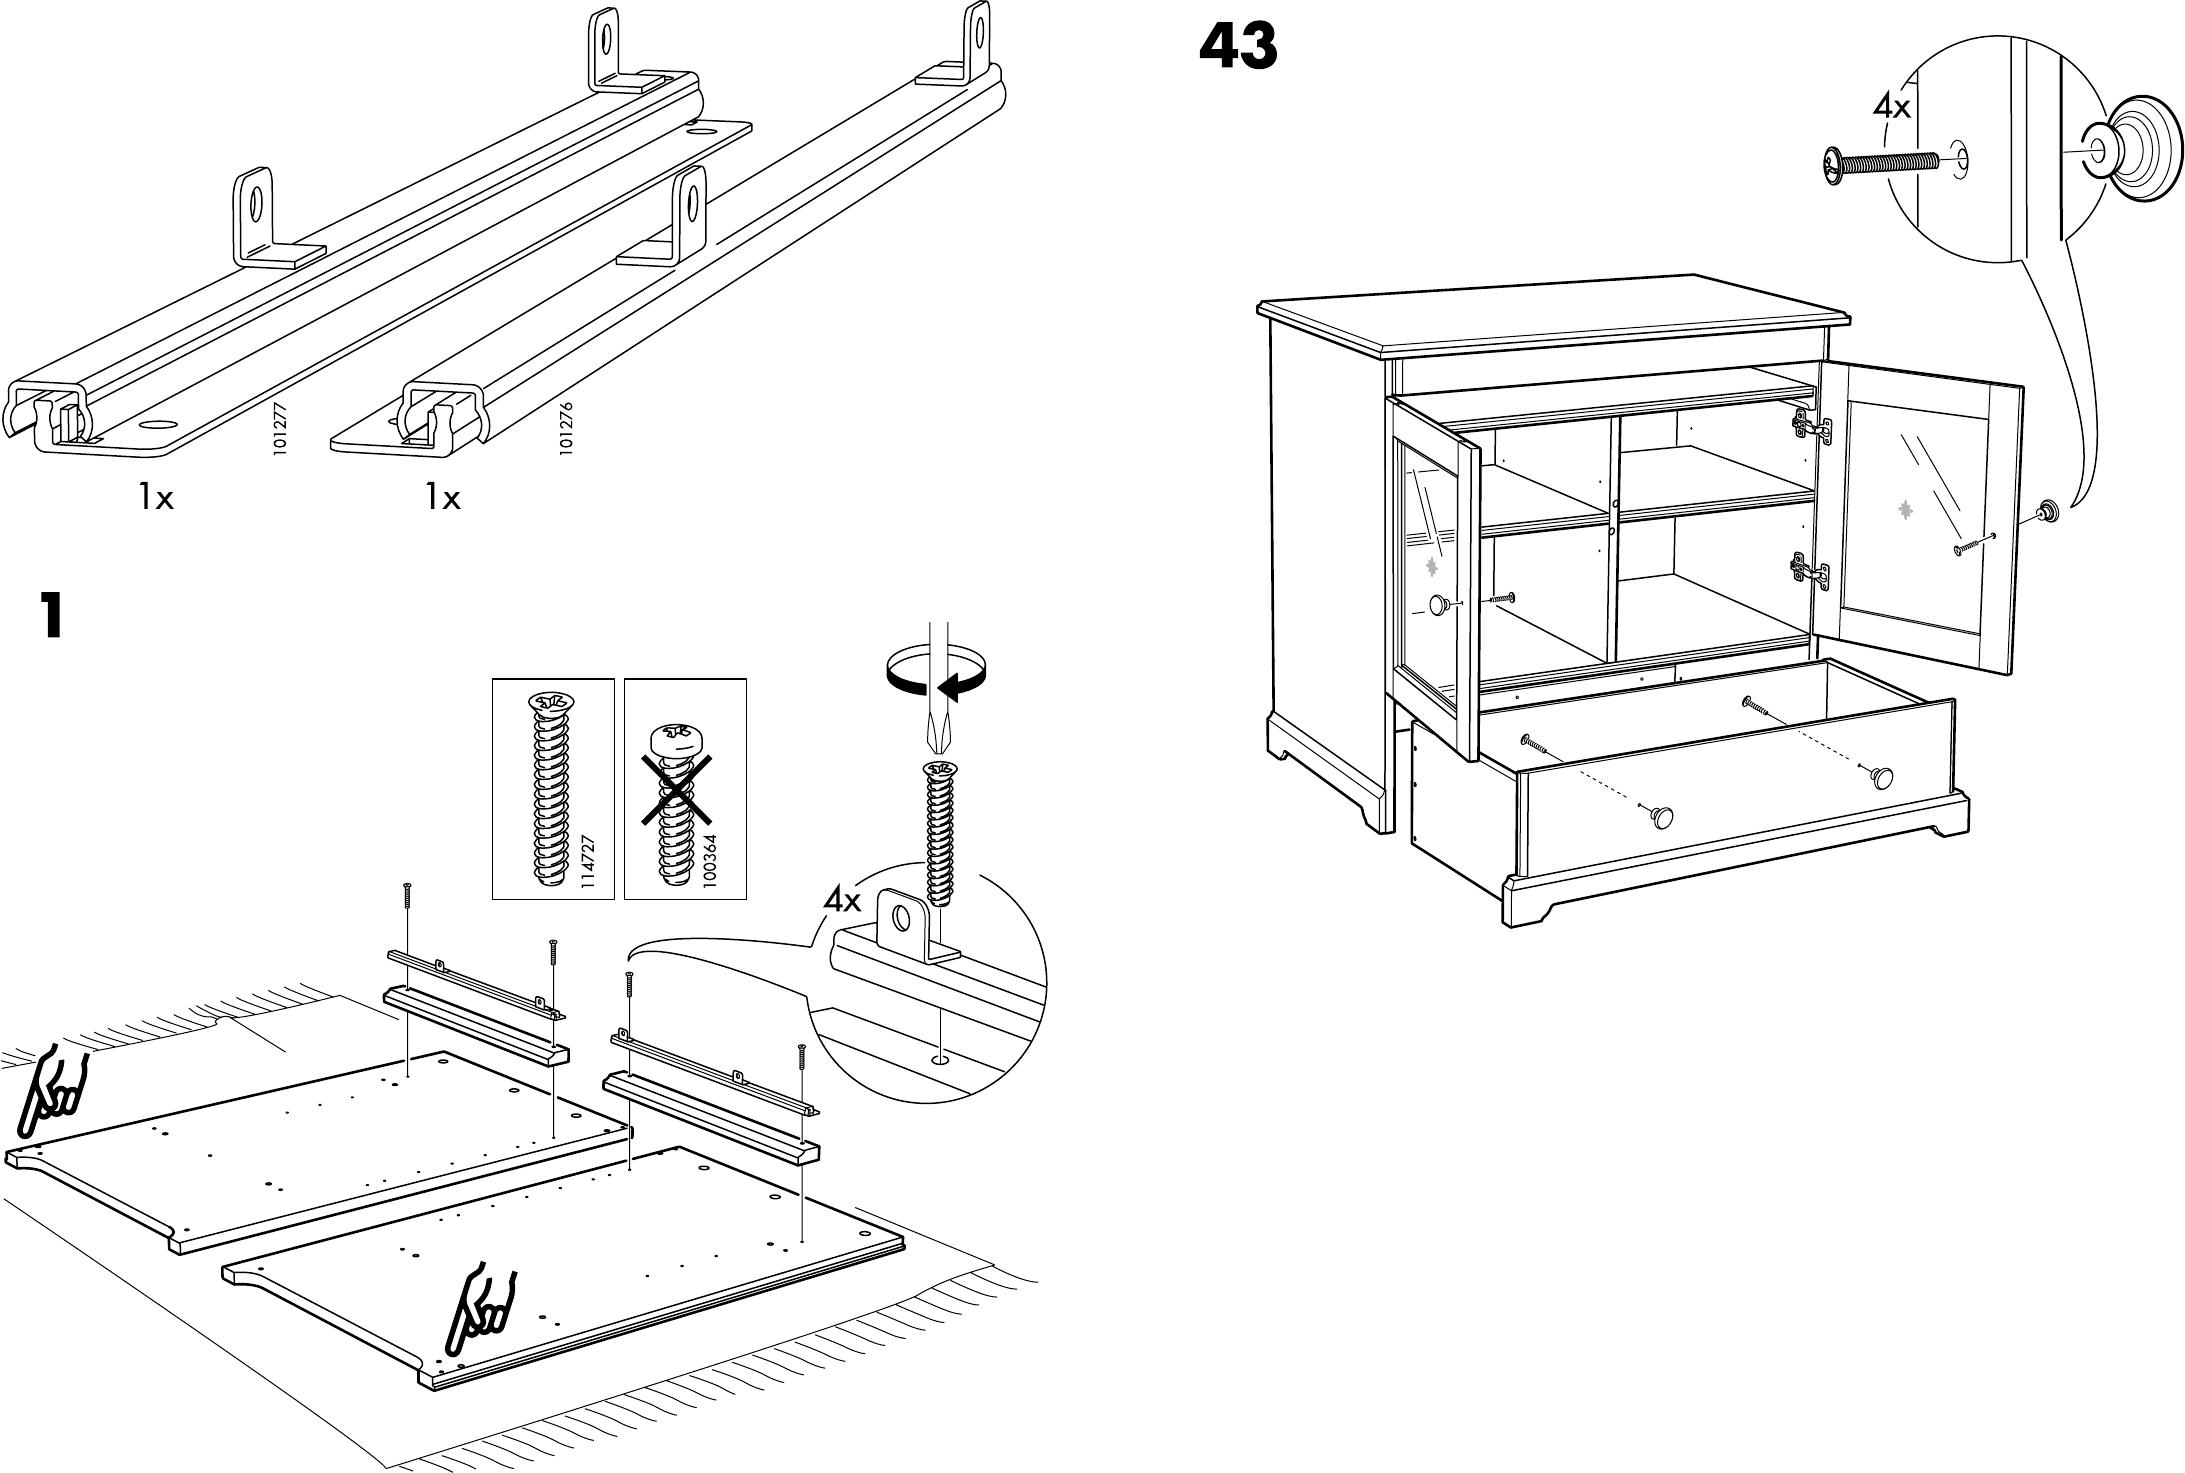 Handleiding Ikea Liatorp Kast Pagina 4 Van 14 Dansk